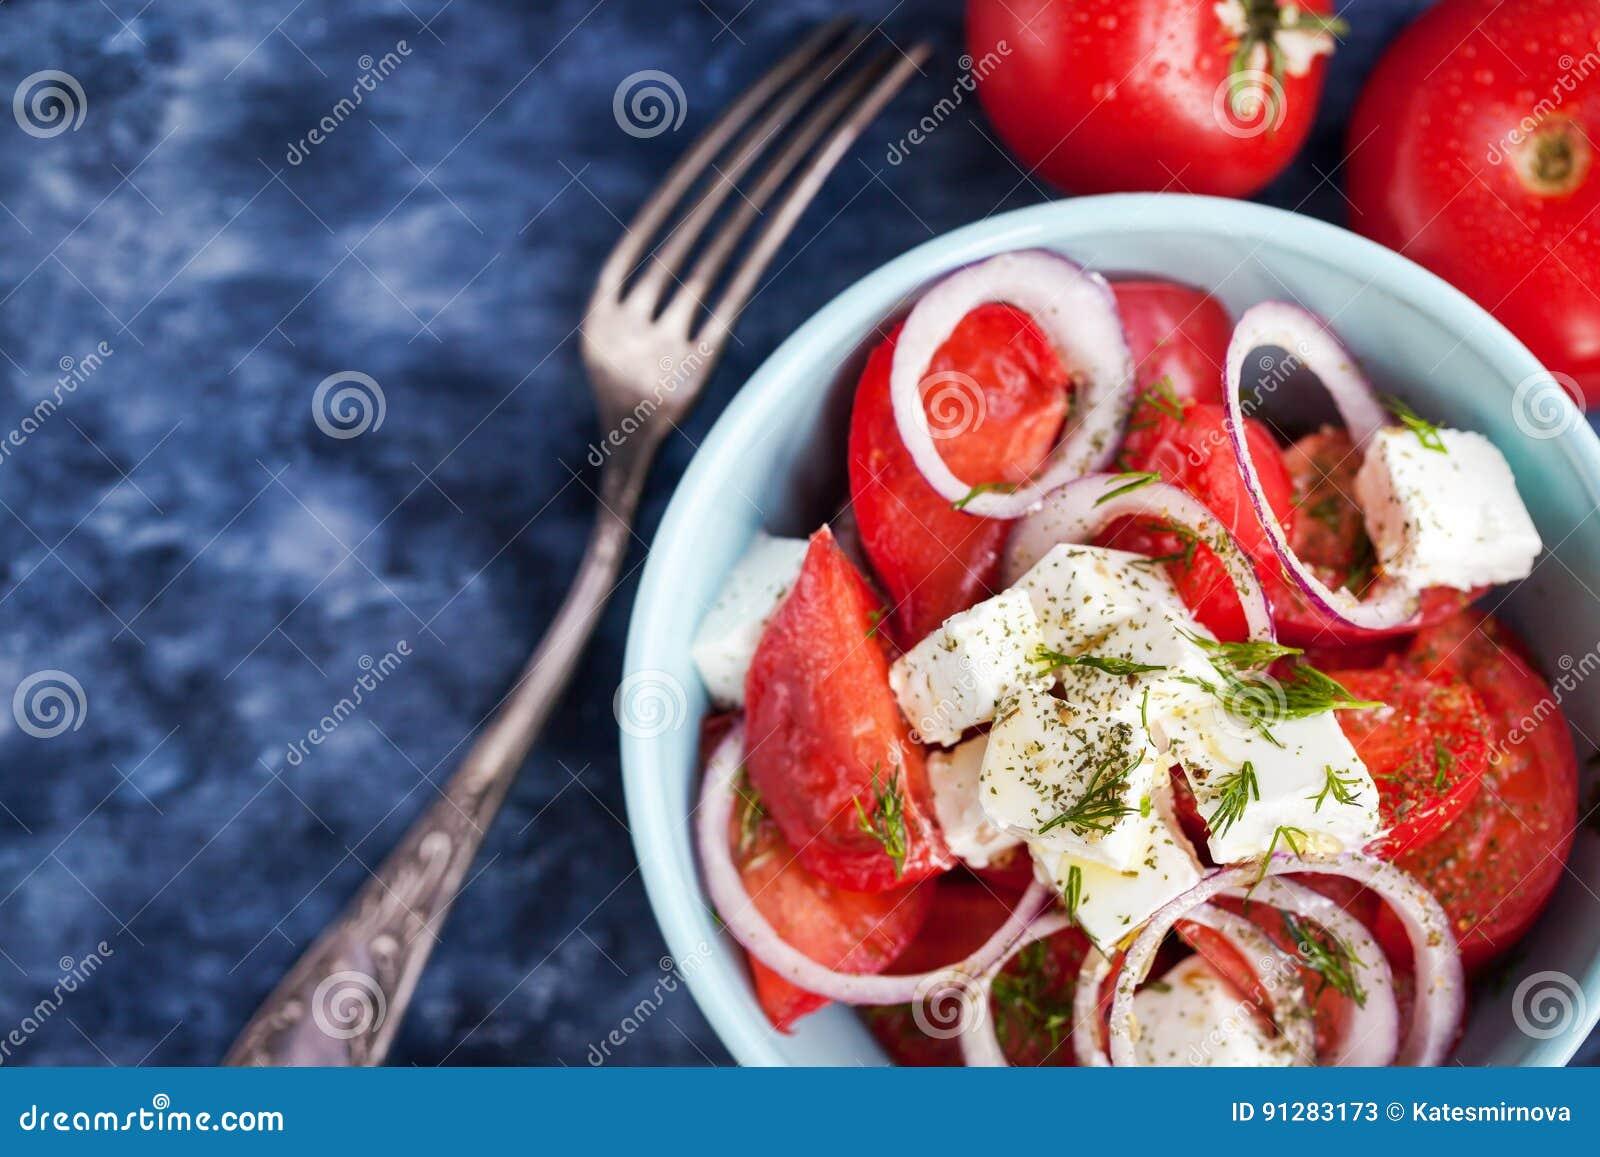 Ny tomat-, lök- och fetasallad